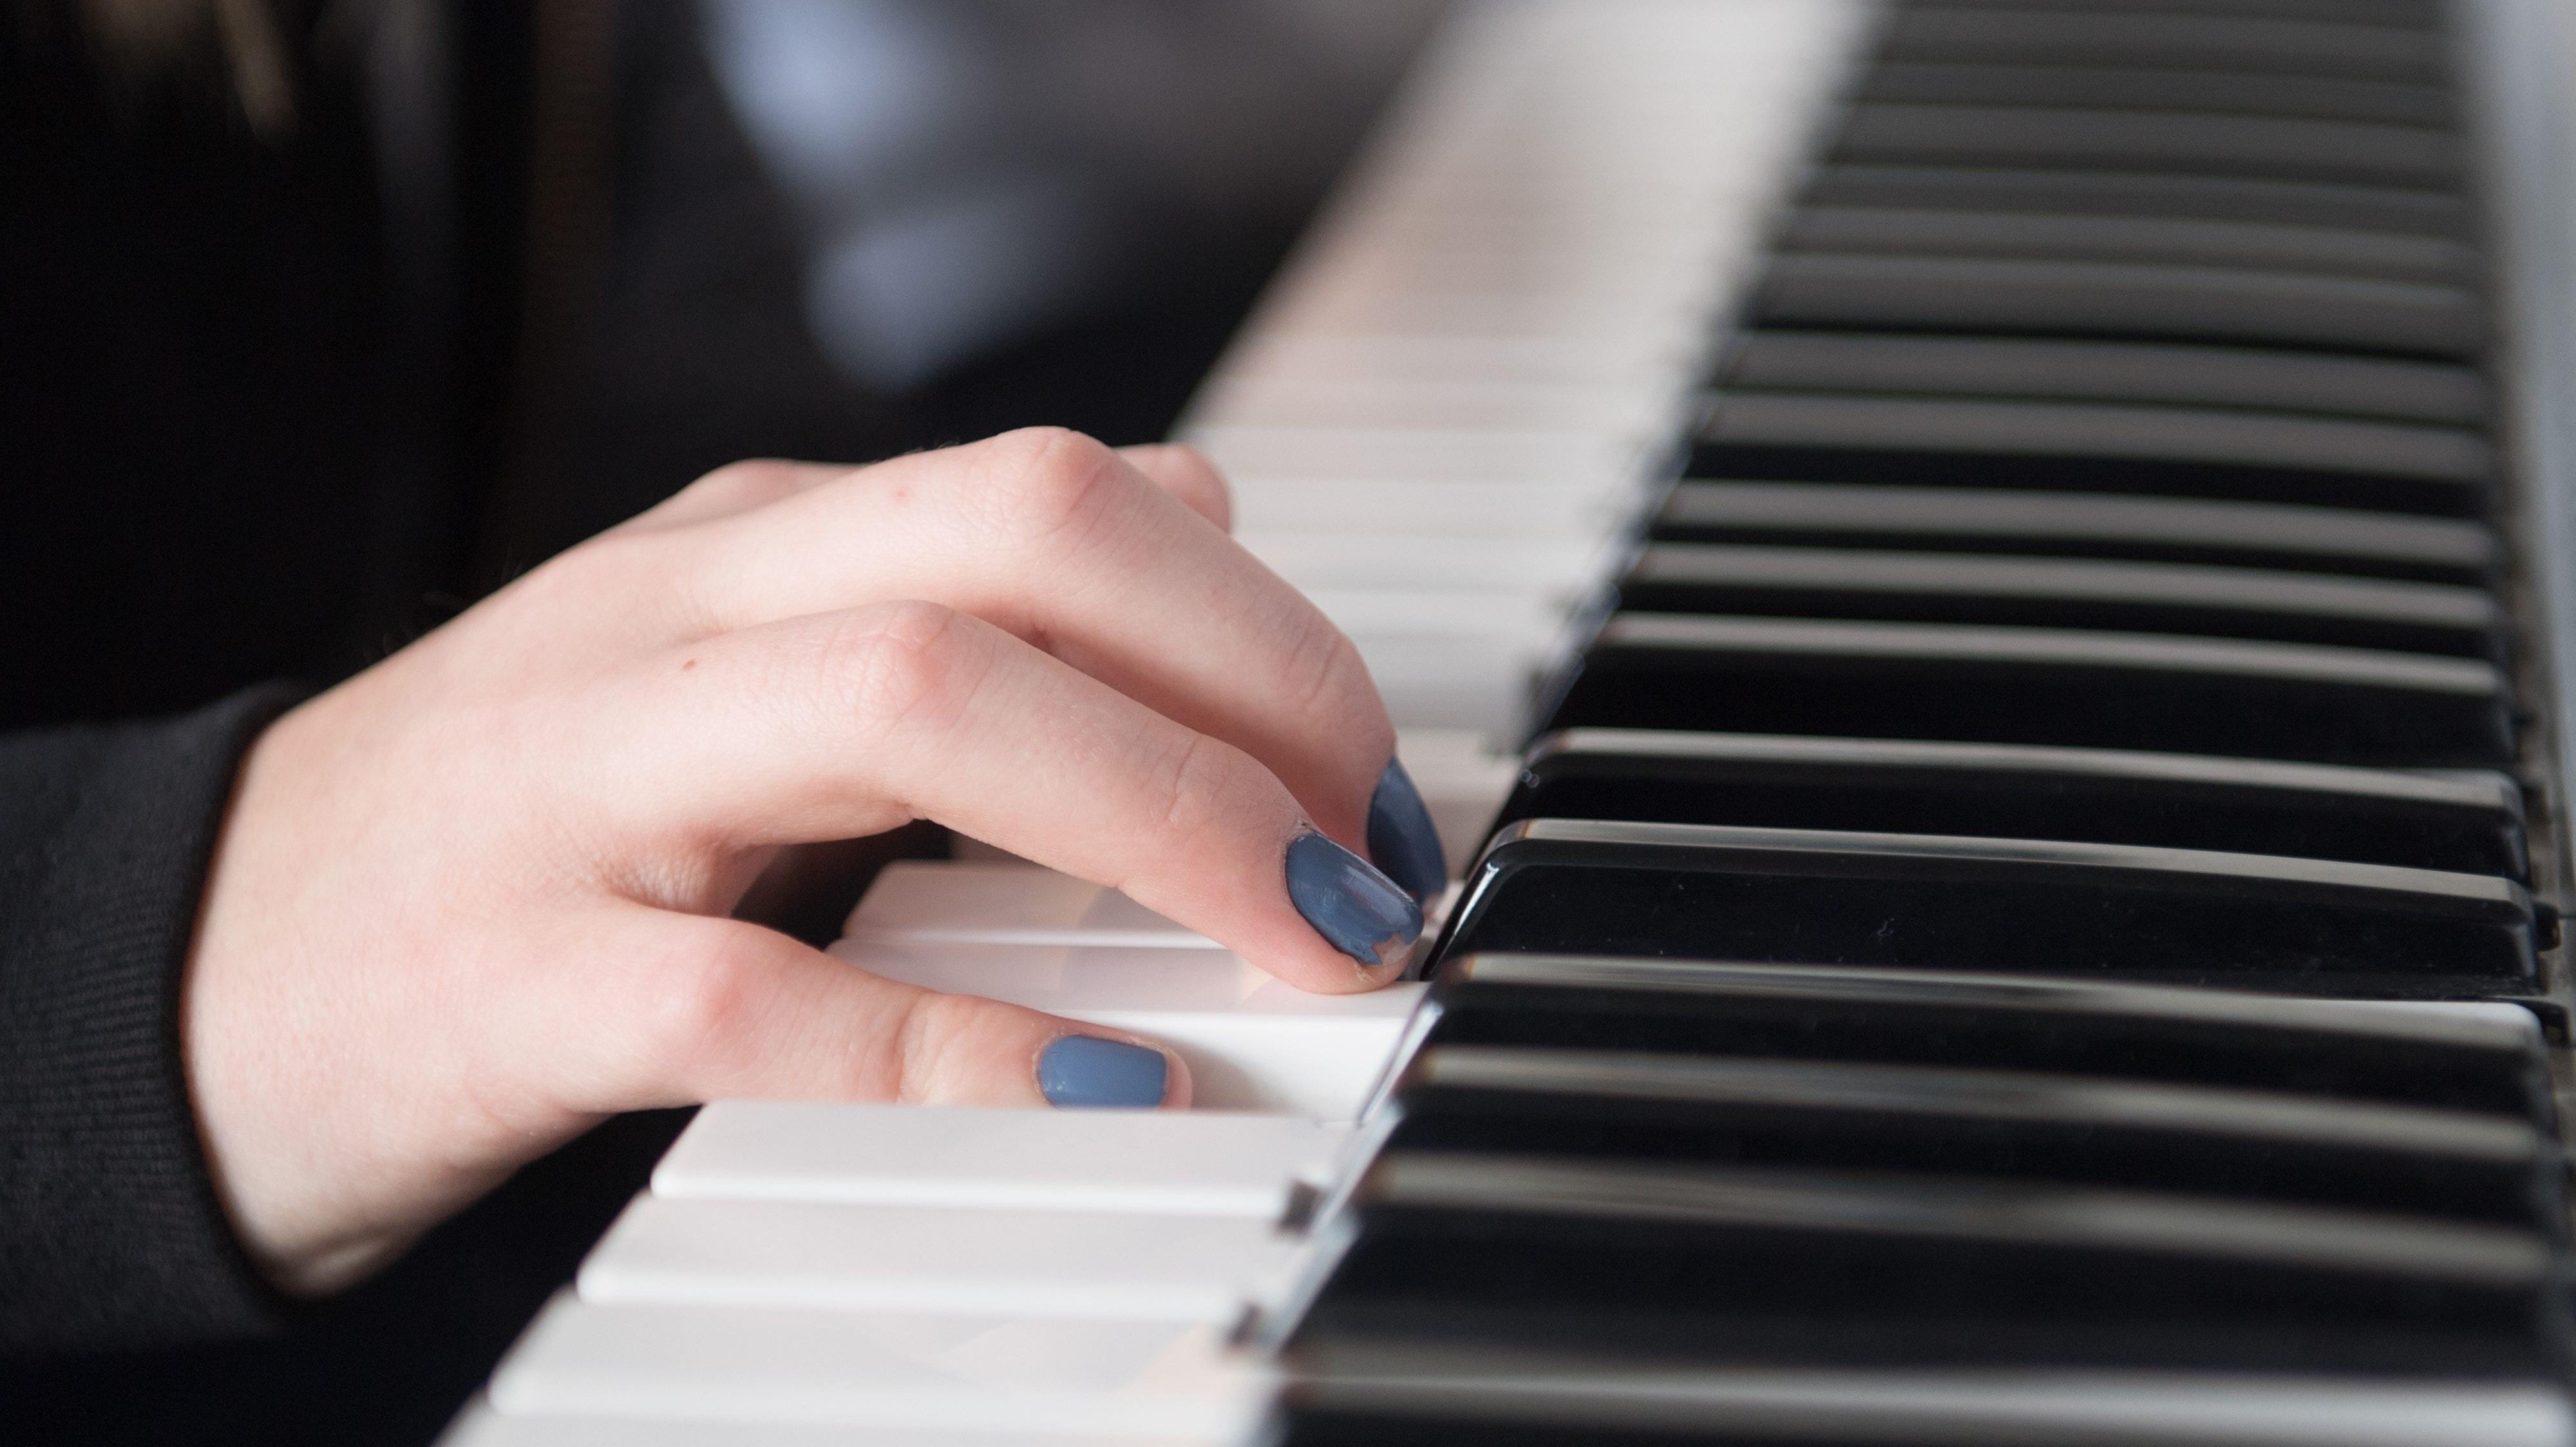 Die Verantwortlichen der Musikschule Lohne begreifen die Corona-Pandemie als Chance, um die Digitalisierung der Einrichtung voranzutreiben. Foto: dpa/Kahnert